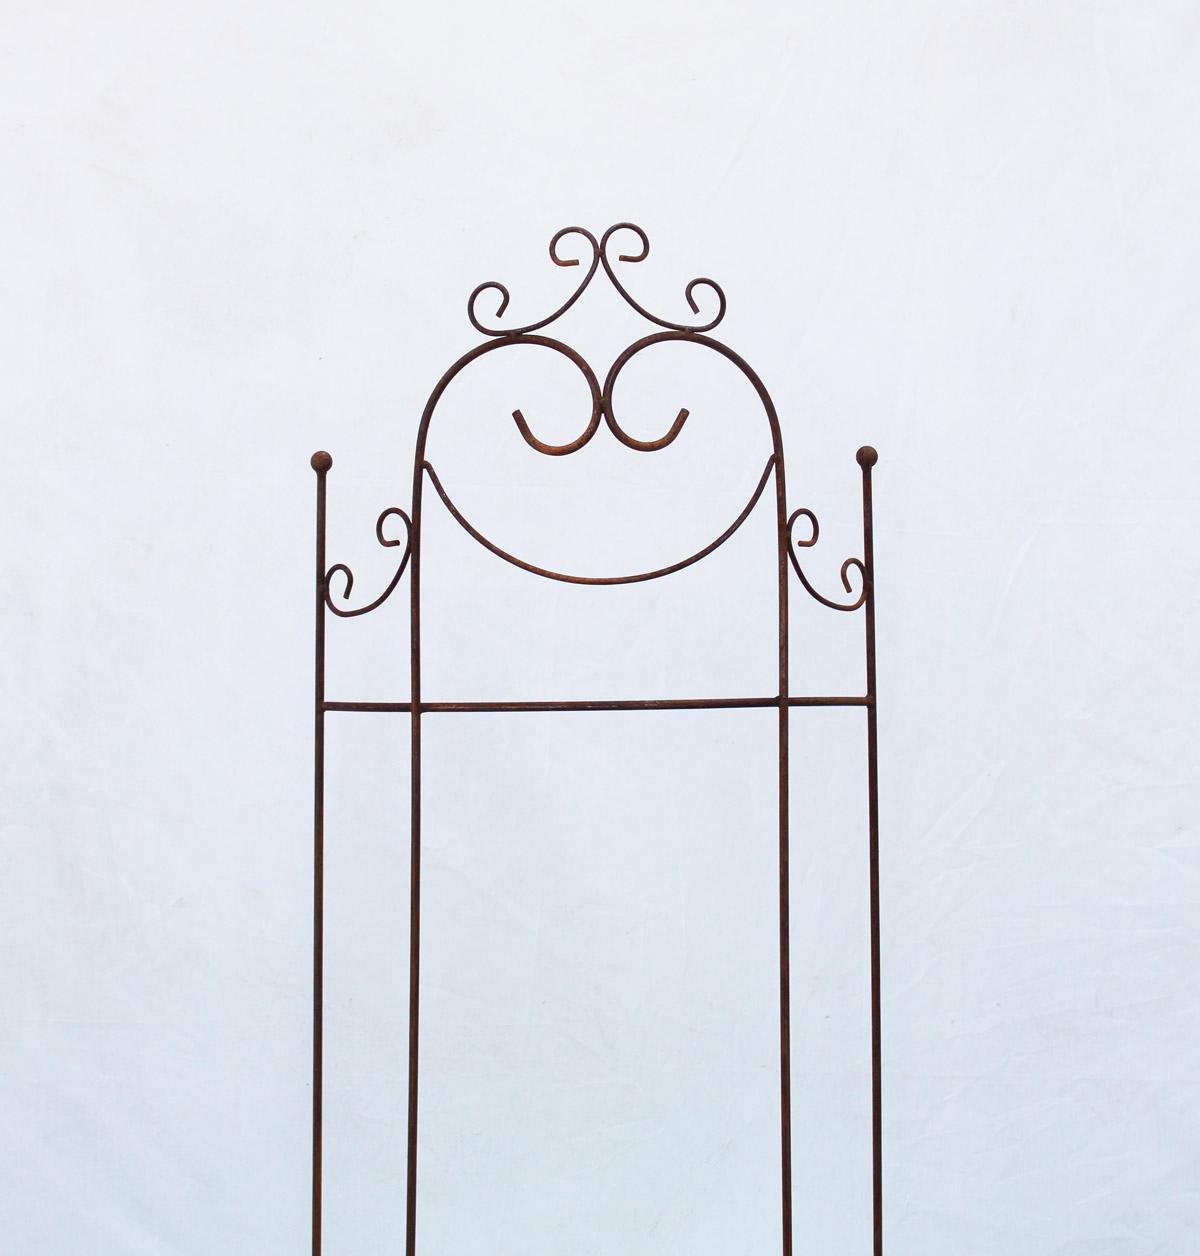 Gartengitter deko dekor garten for Dekor garten schirrle